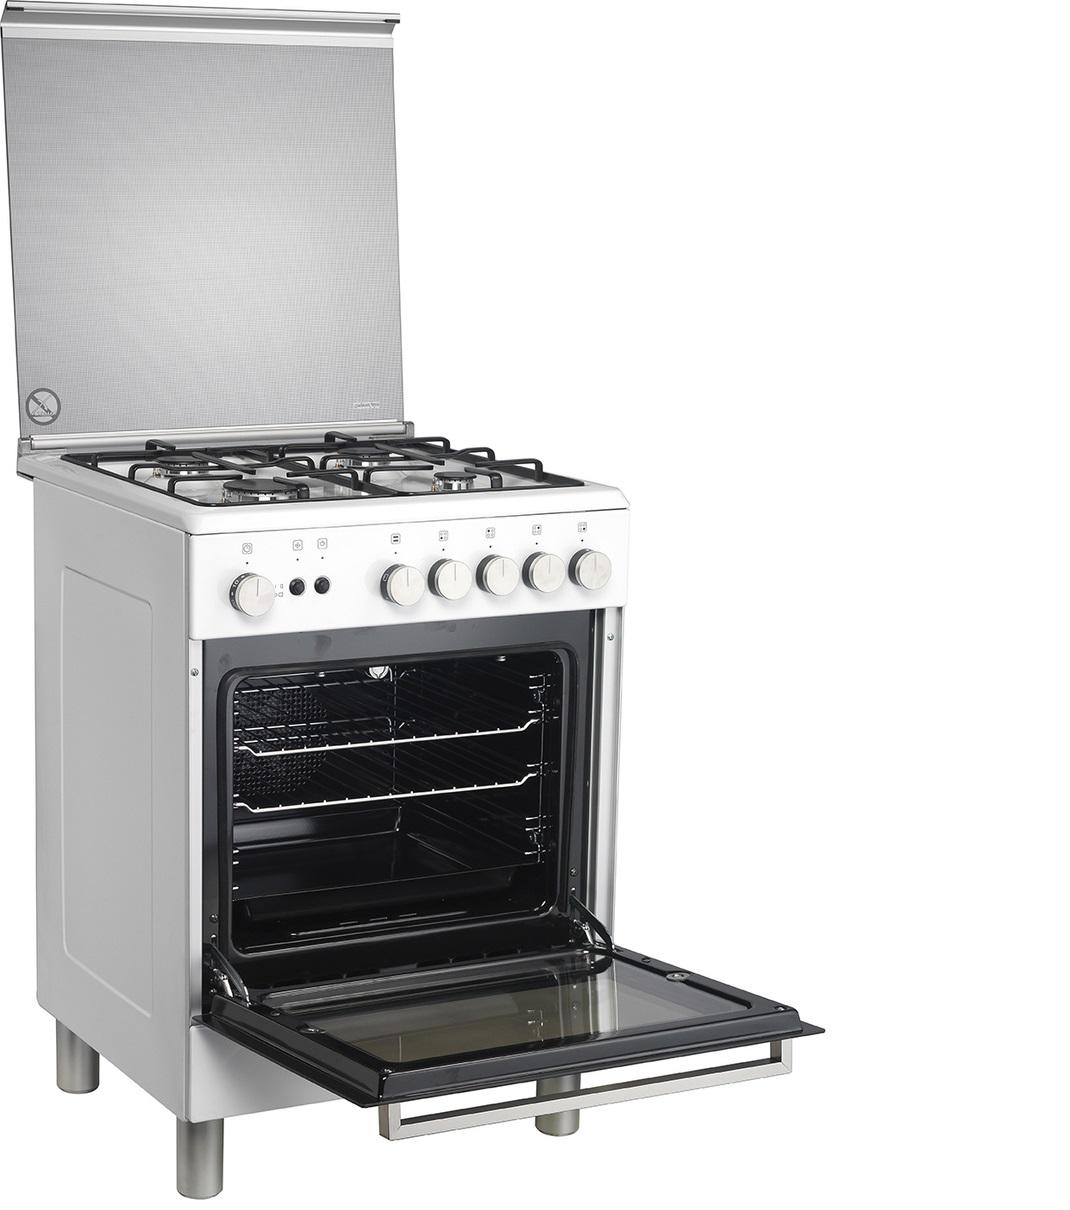 Κουζινα υγραεριου La Germania TU6 40 81 DW